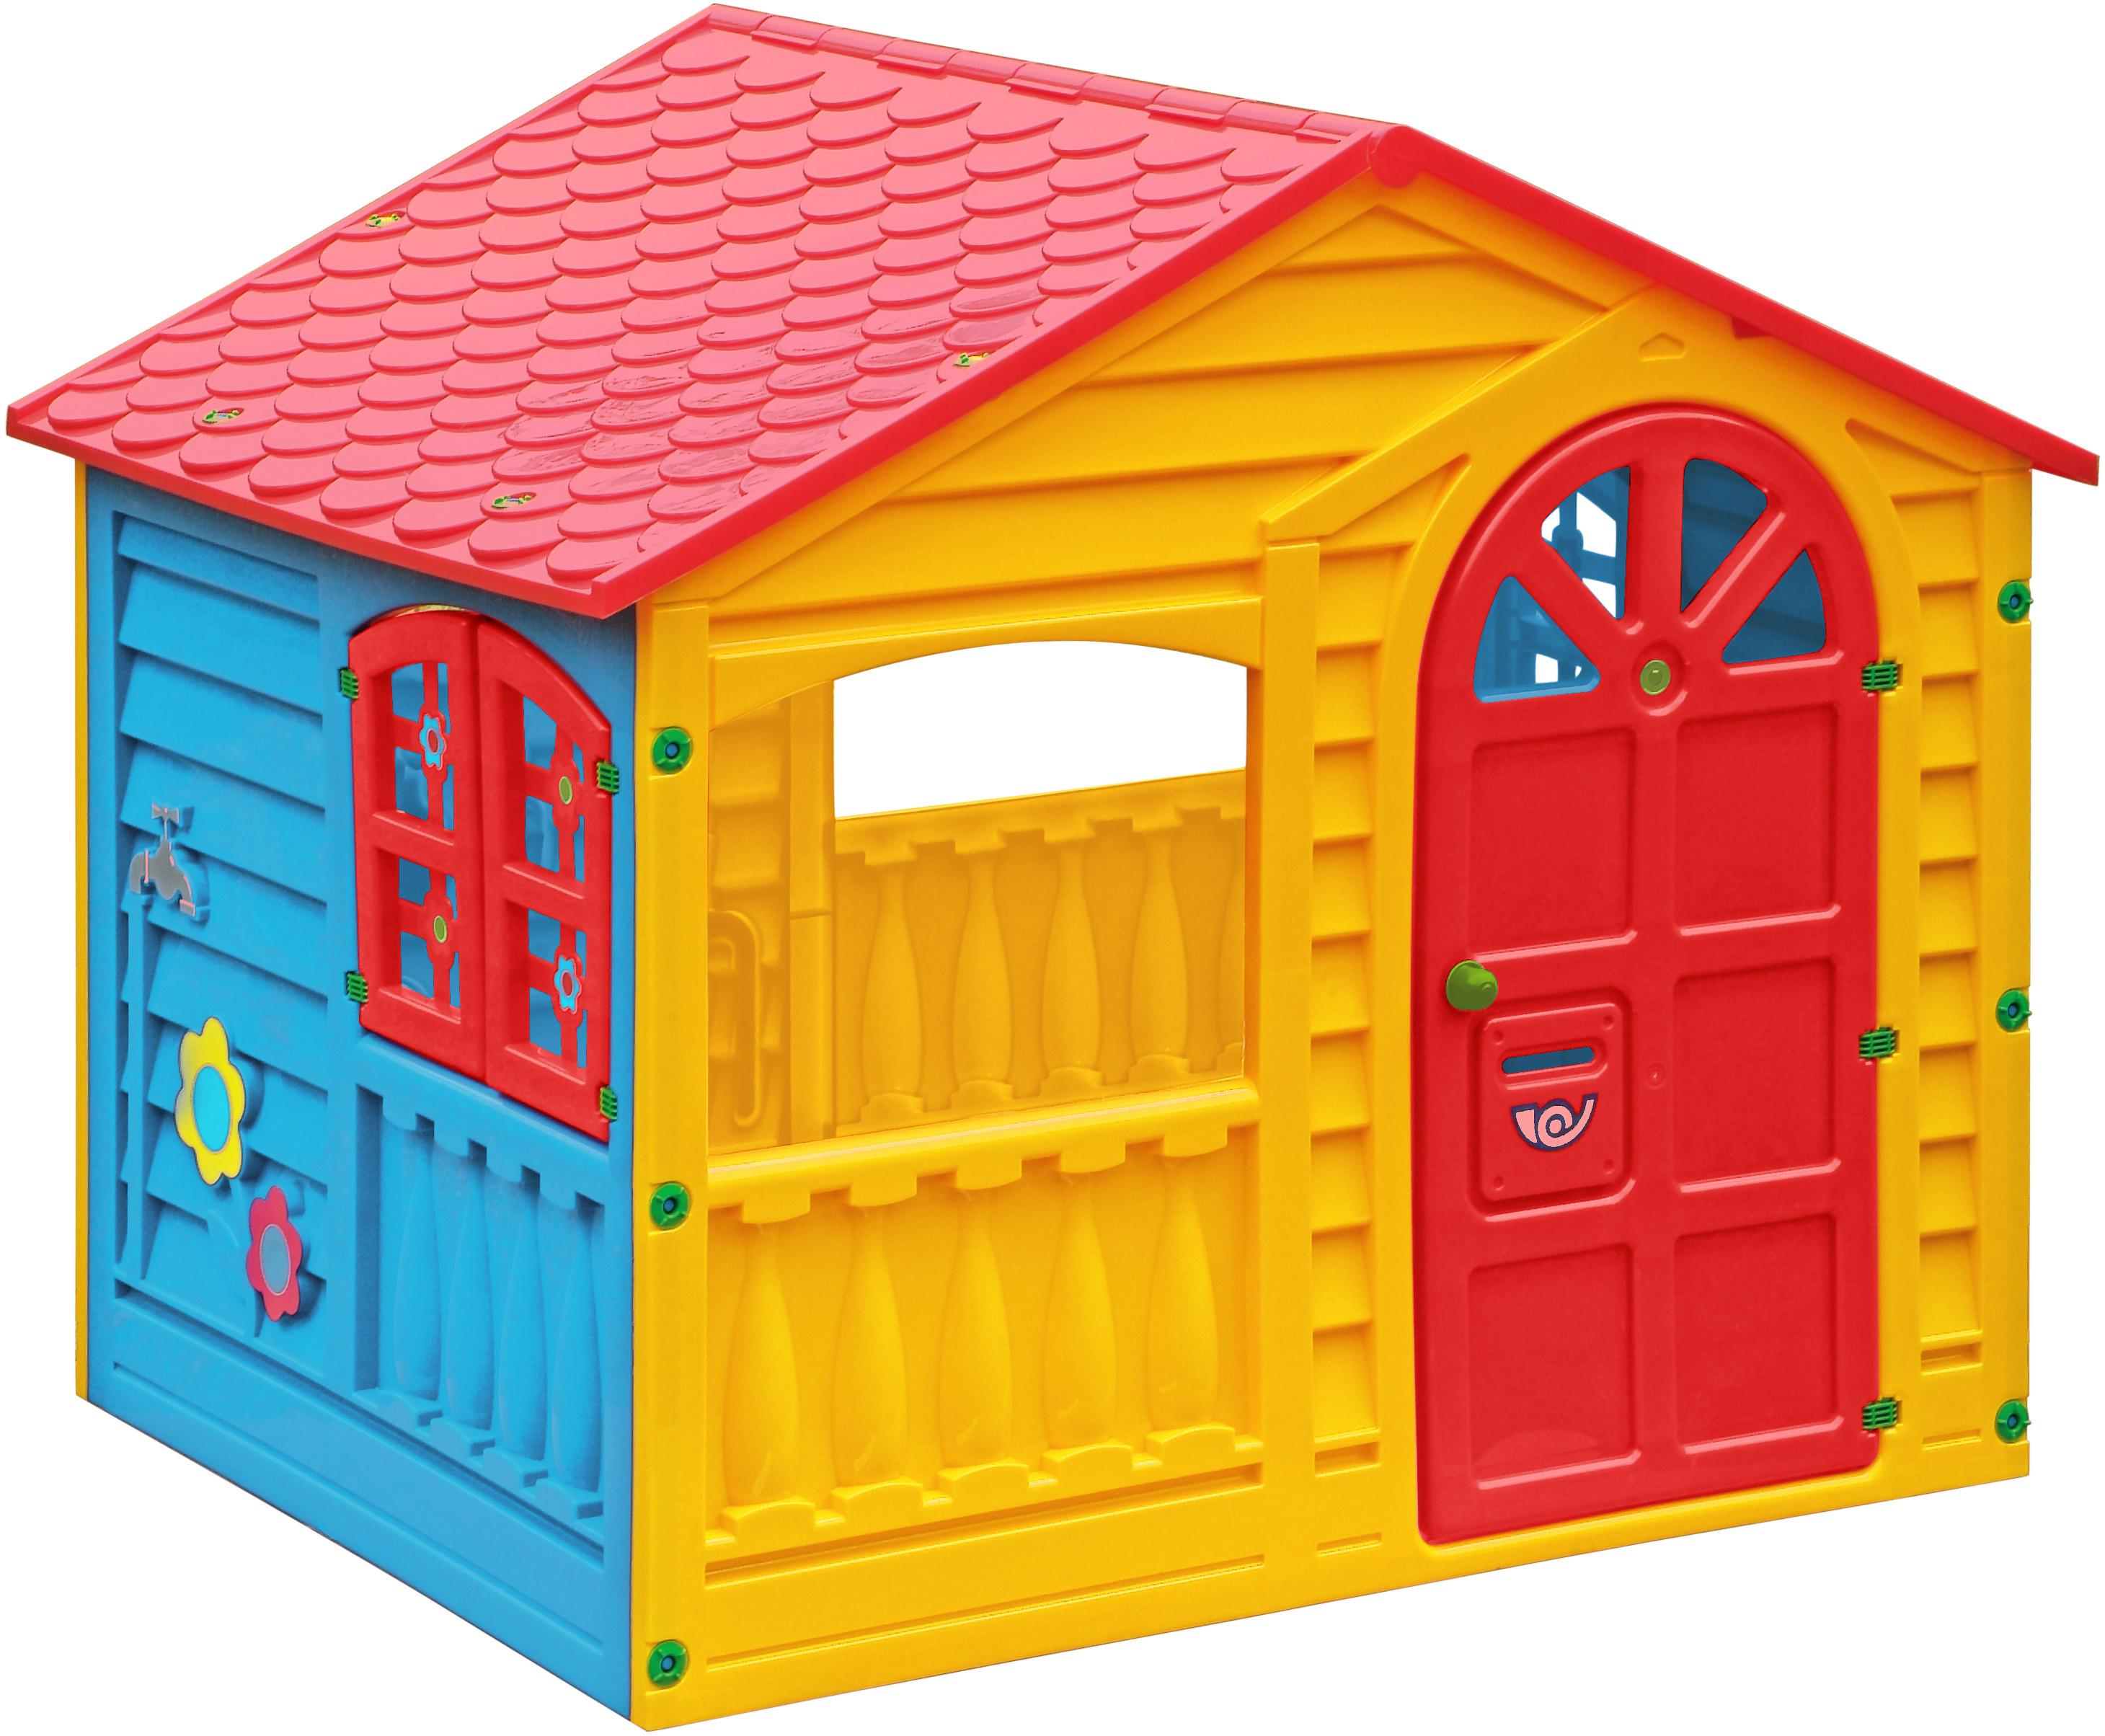 Игровой домик PicnMix цвет красный желтый голубой игровые домики edu play игровой домик grand